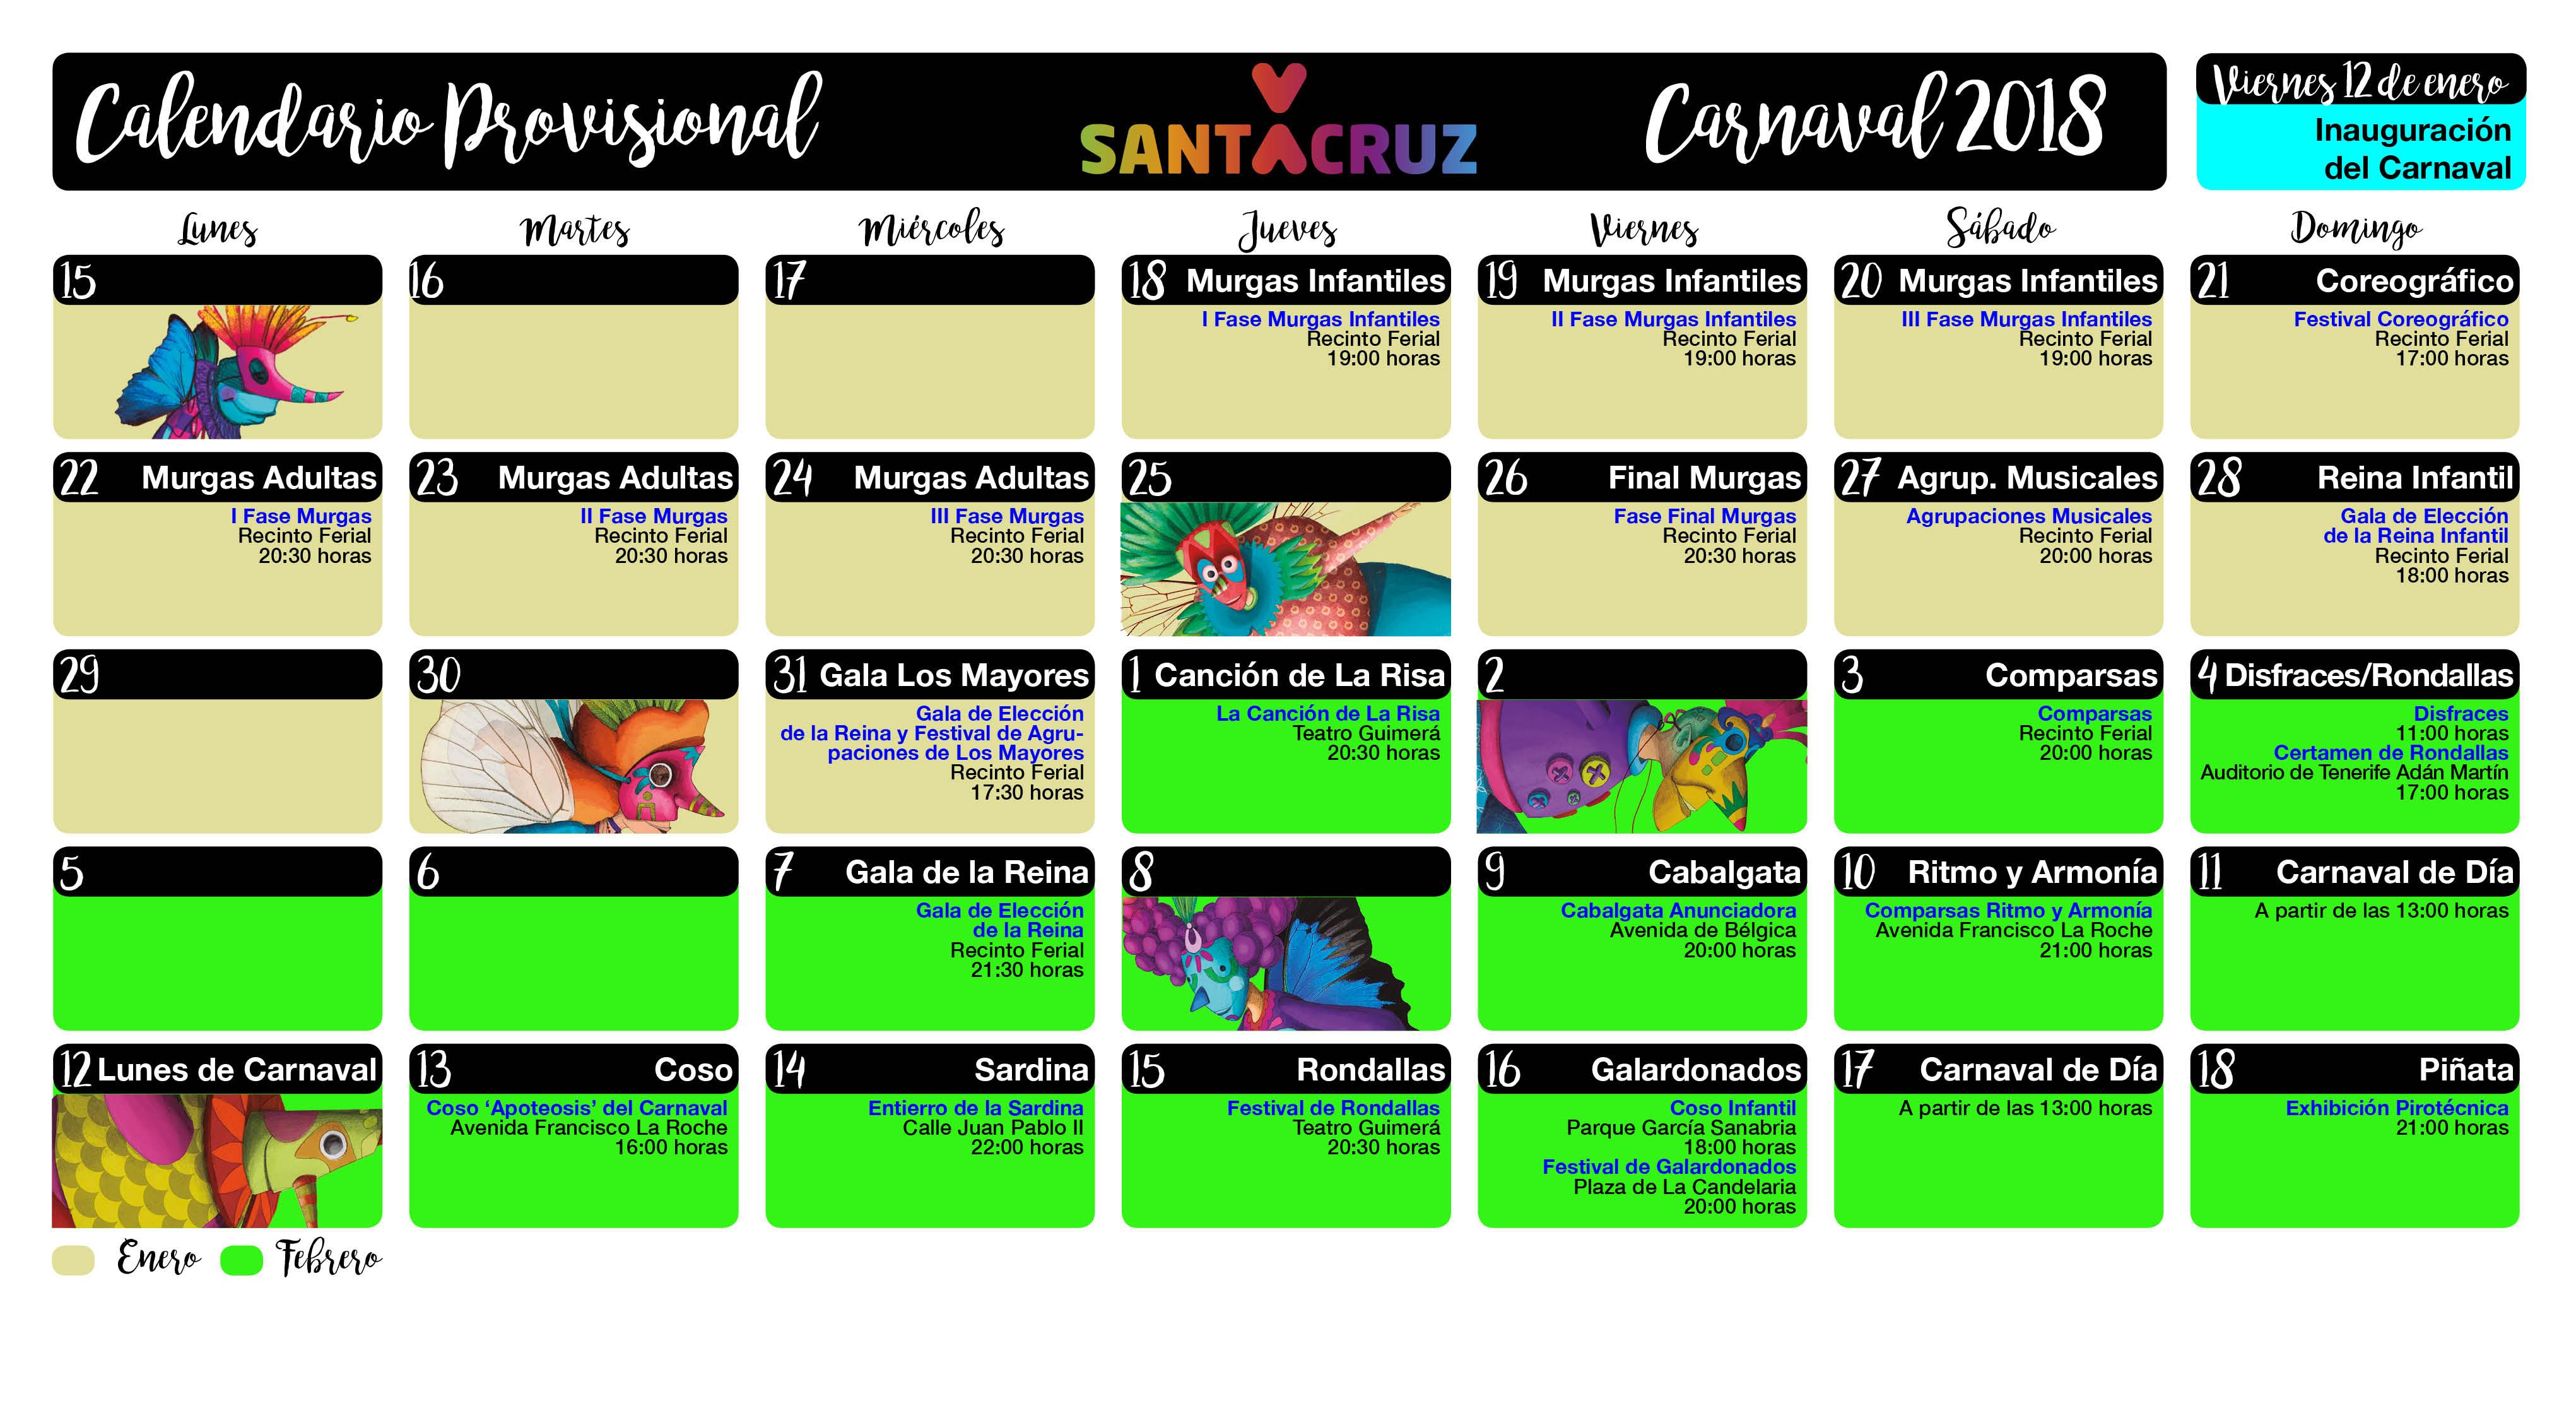 CalendarioProvisional-Carnaval-2018